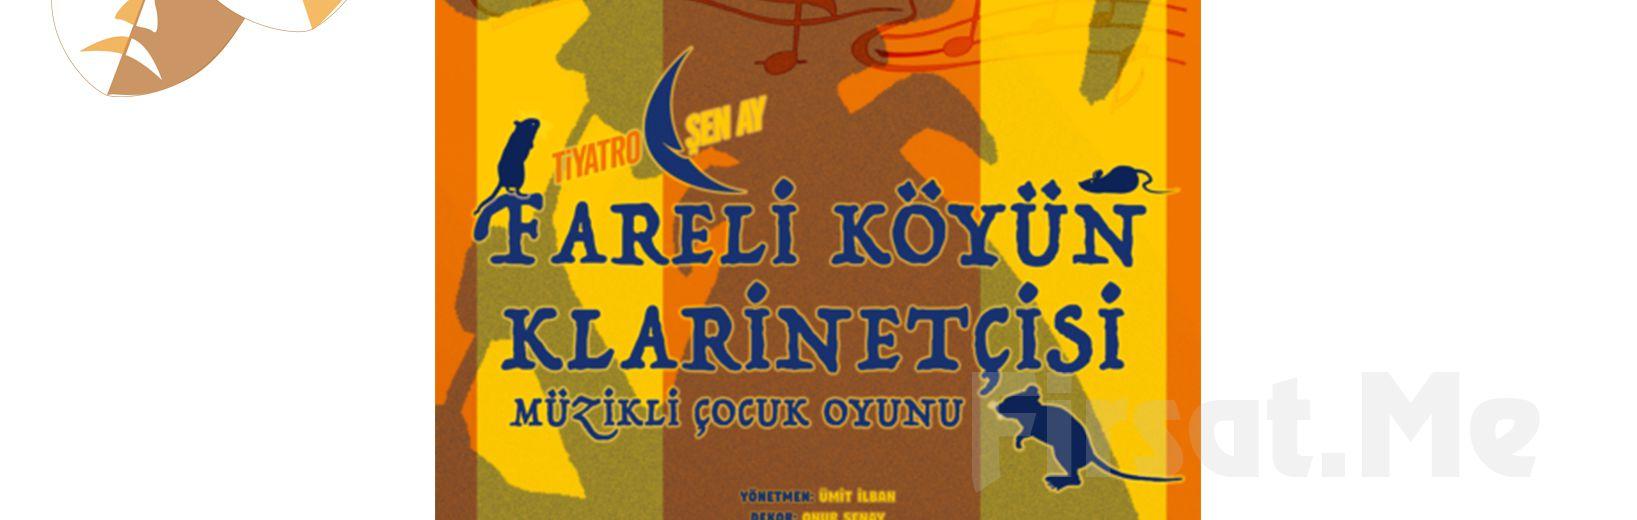 """Kats Sahne'de Her Pazar Çocuklarınız için """"Fareli Köyün Klarinetçisi"""" Tiyatro Oyun Bileti!"""